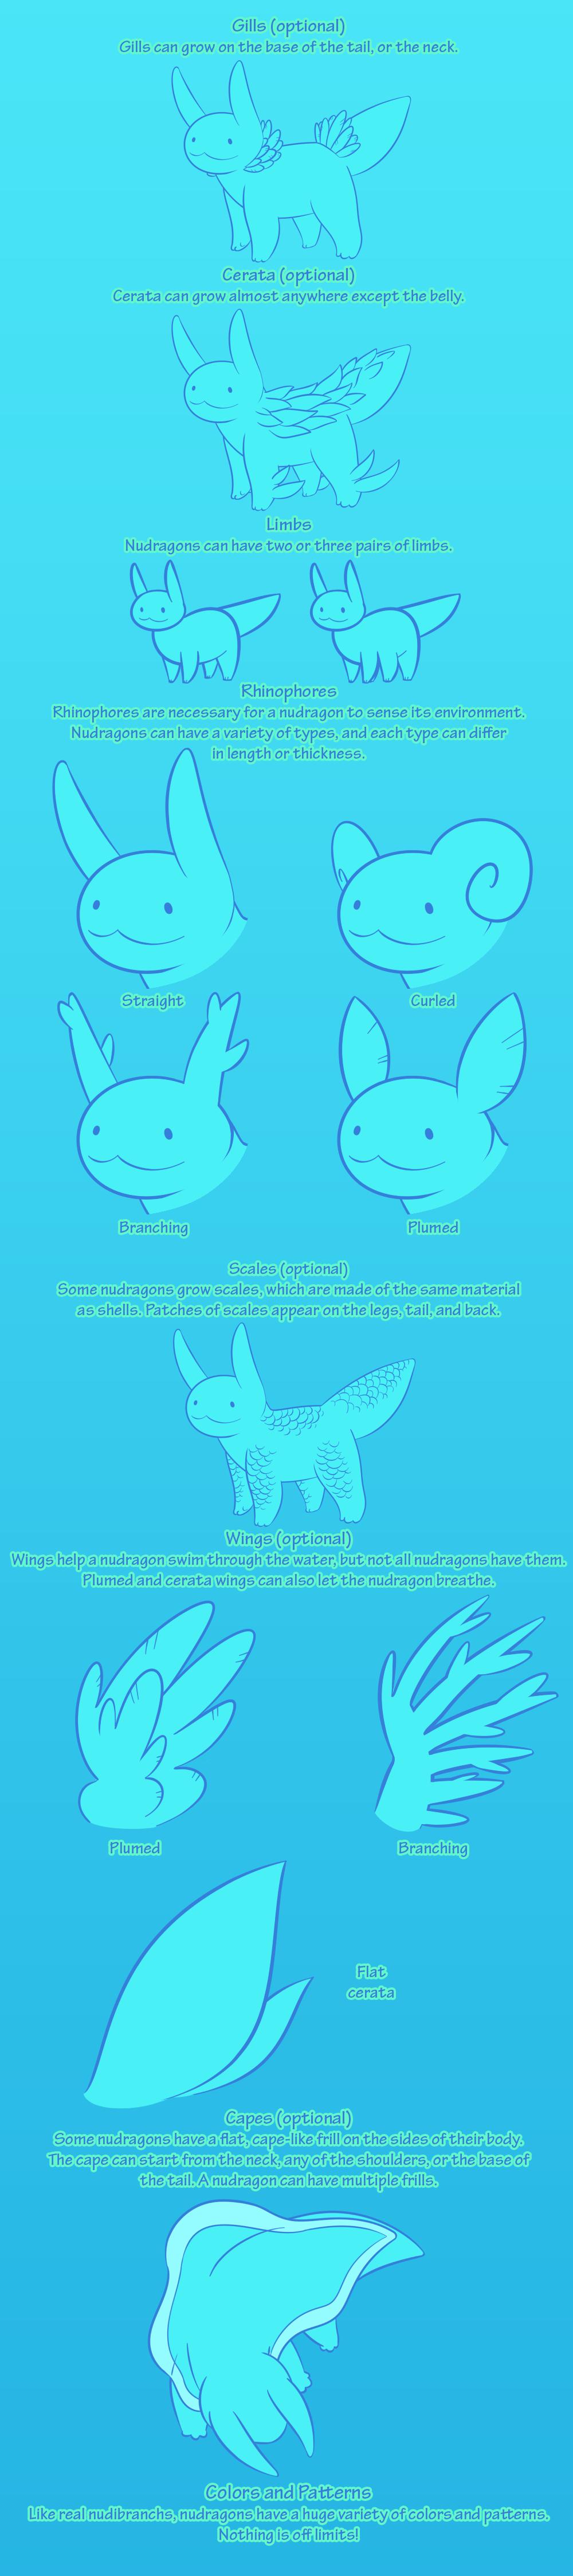 nudragon_traits_crop_by_emeraldox-daj5aq